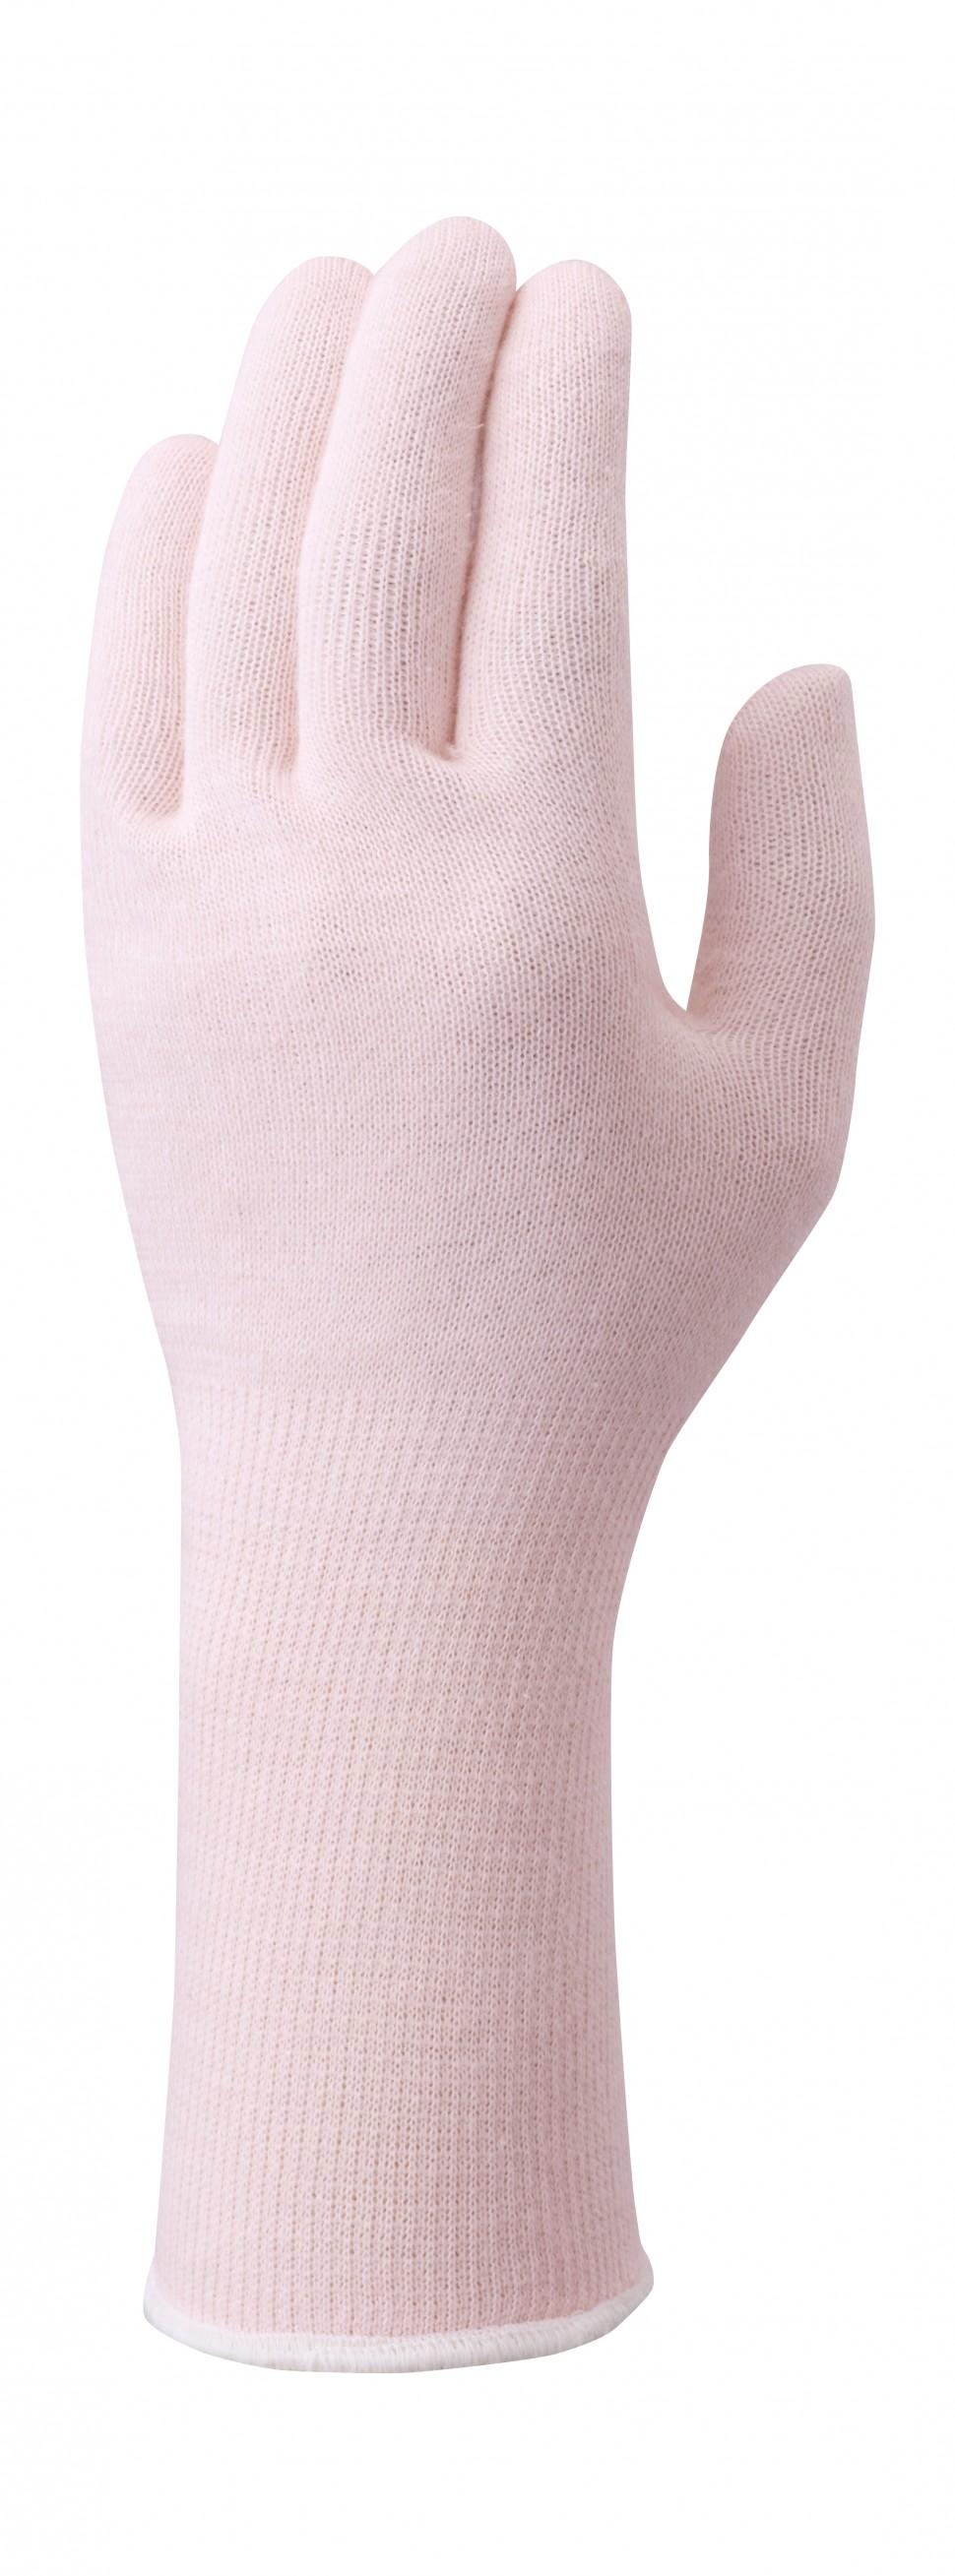 手肌をいたわる手袋